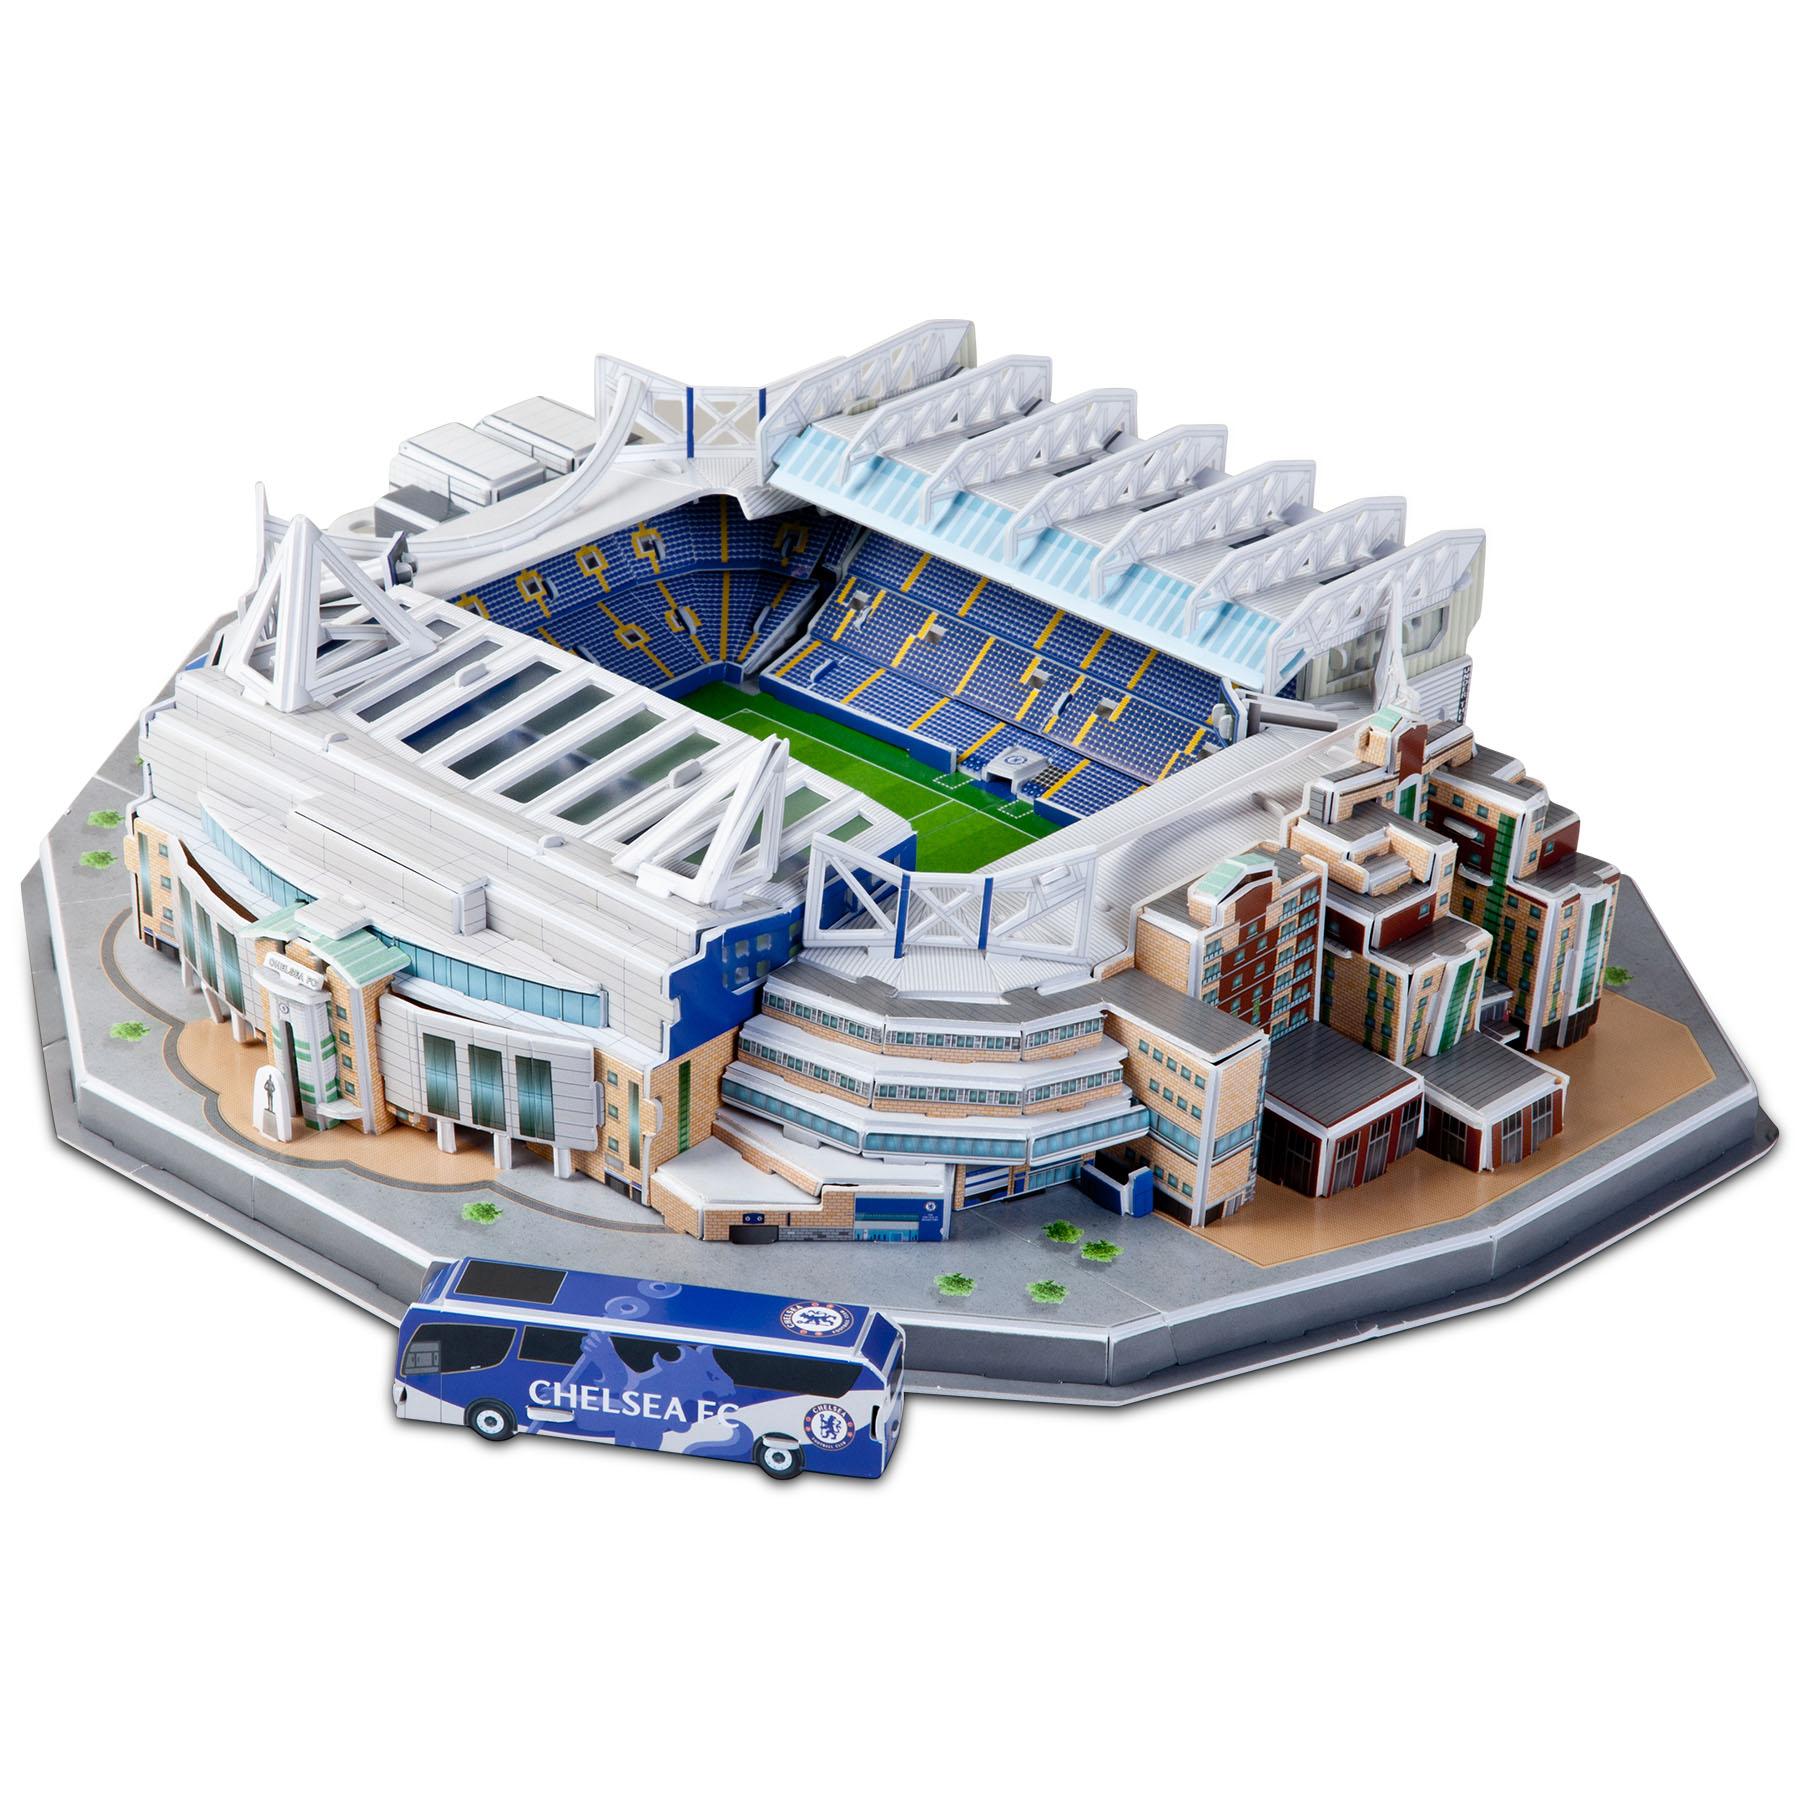 Image of Chelsea 3D Stadium Puzzle